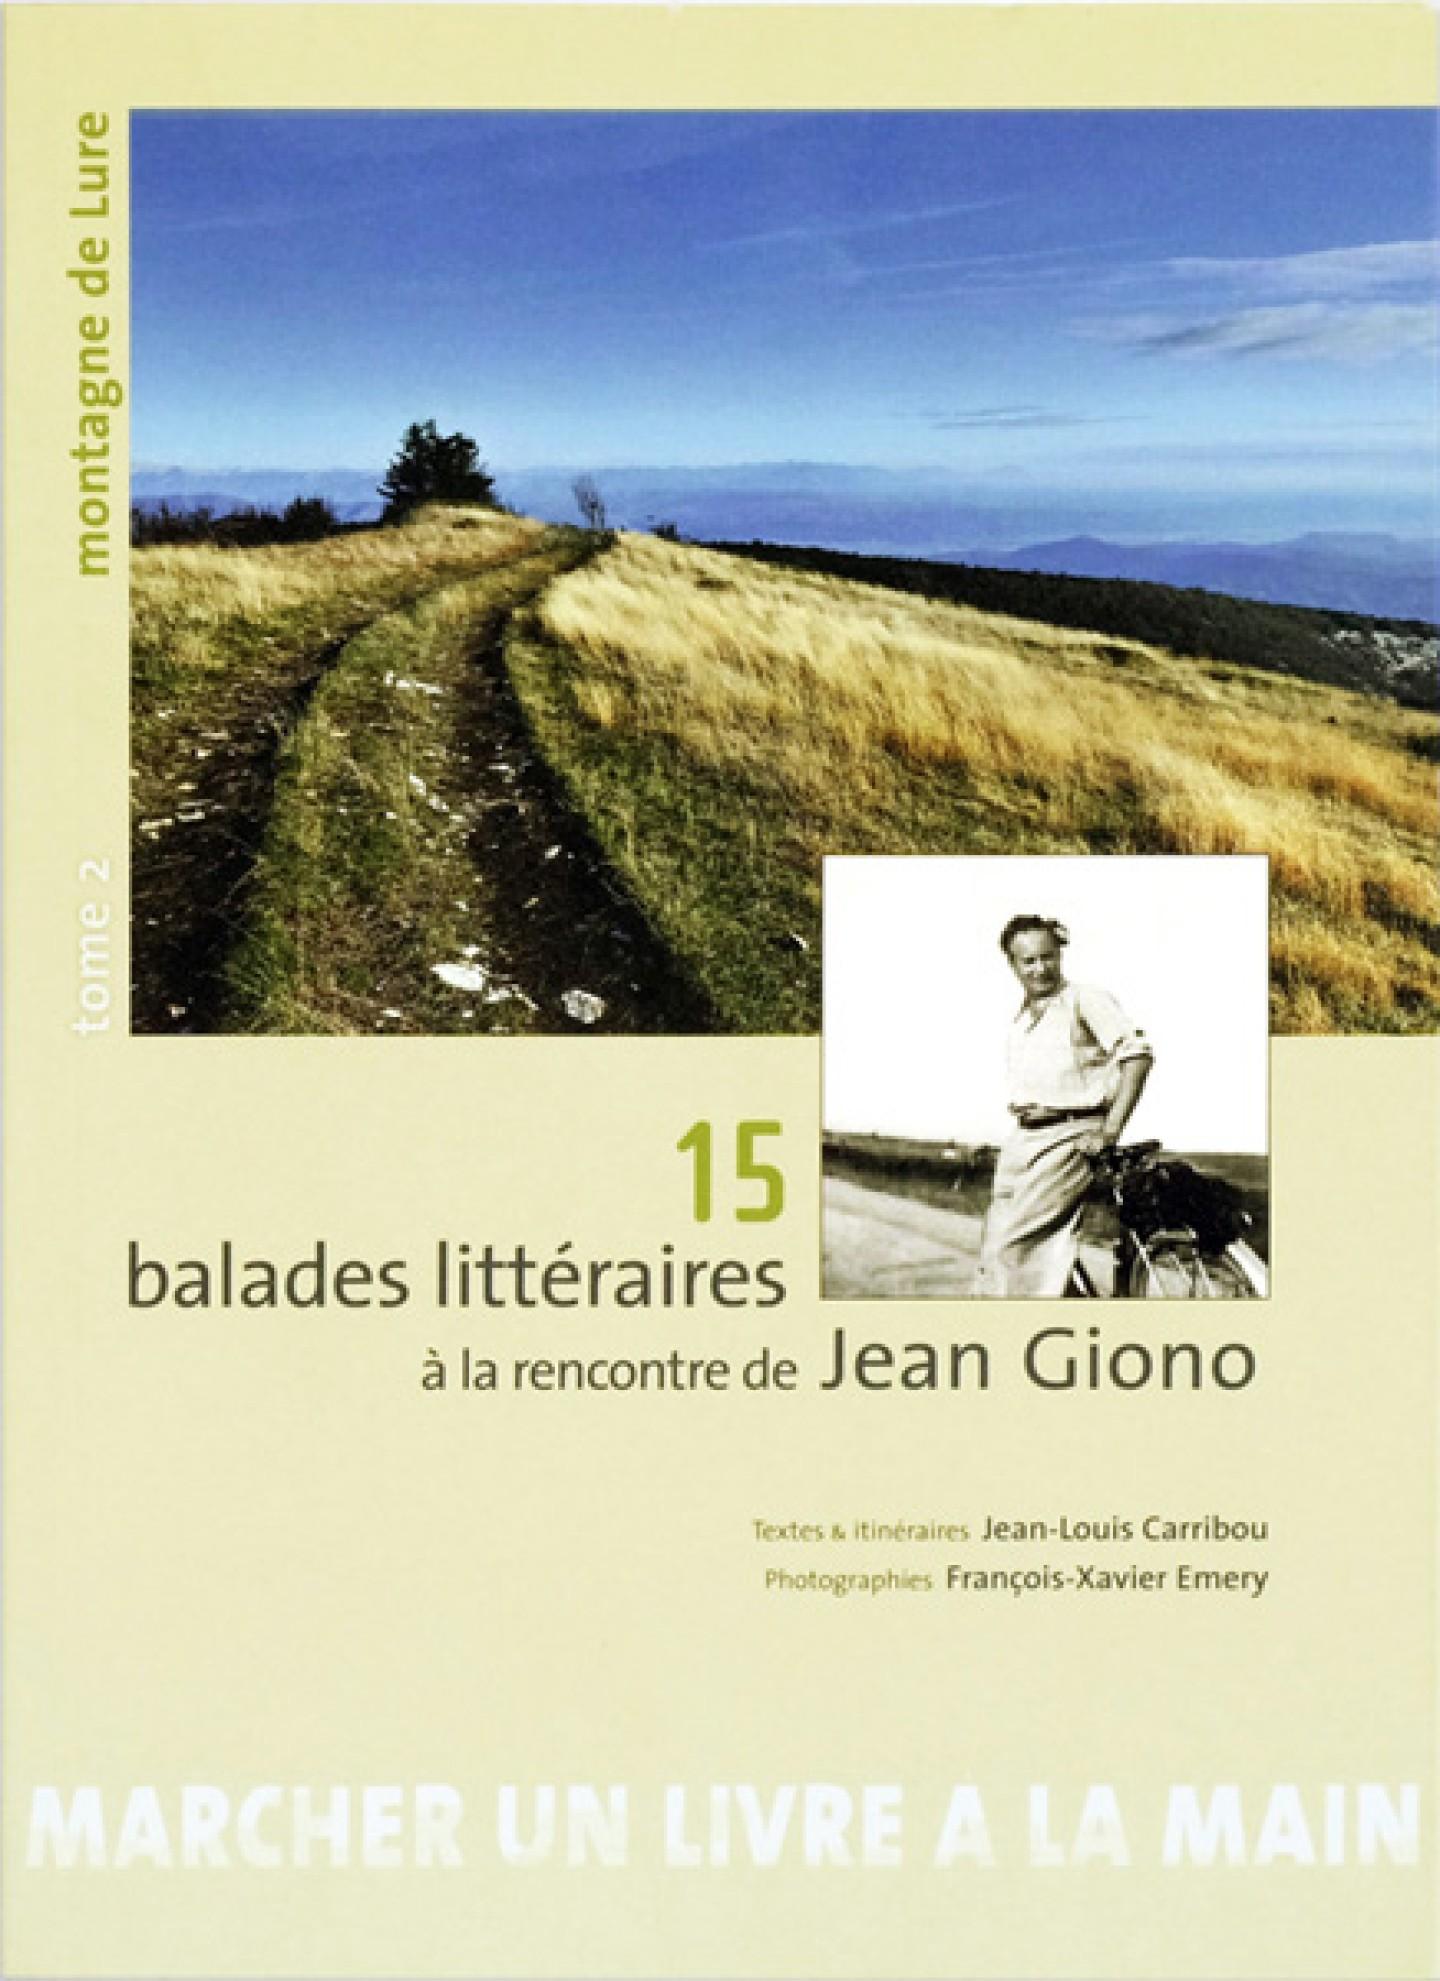 15 balades littéraires à la rencontre de Jean Giono